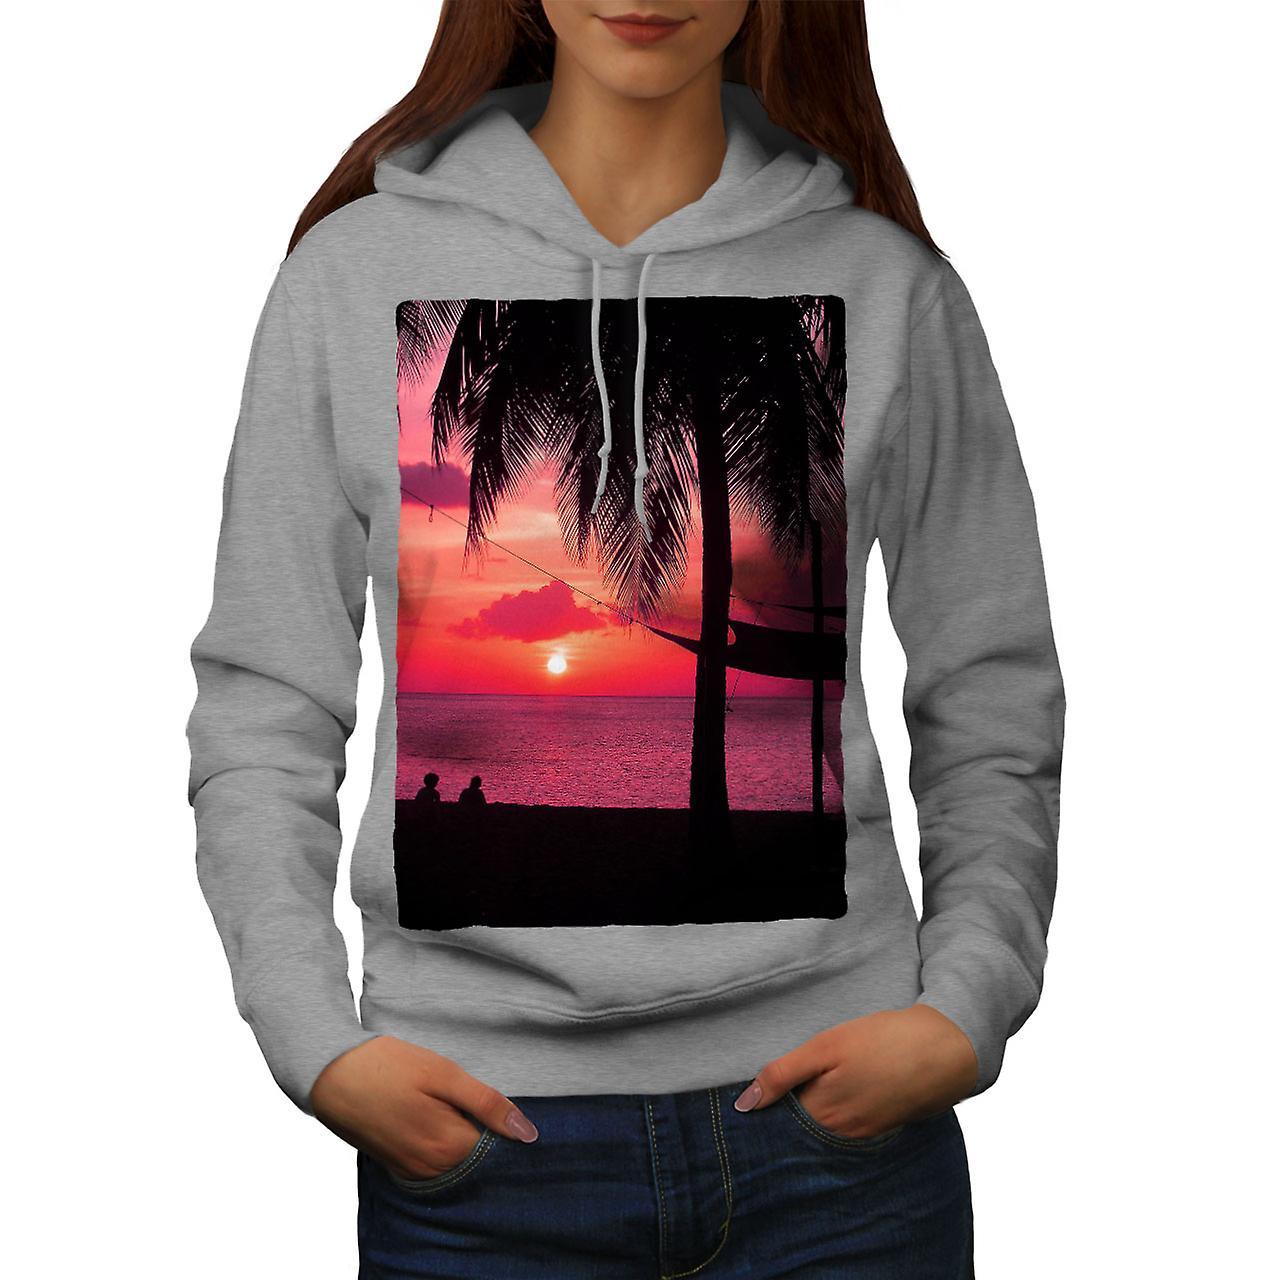 grisHoodie de femmes de coucher de soleil rohommetique